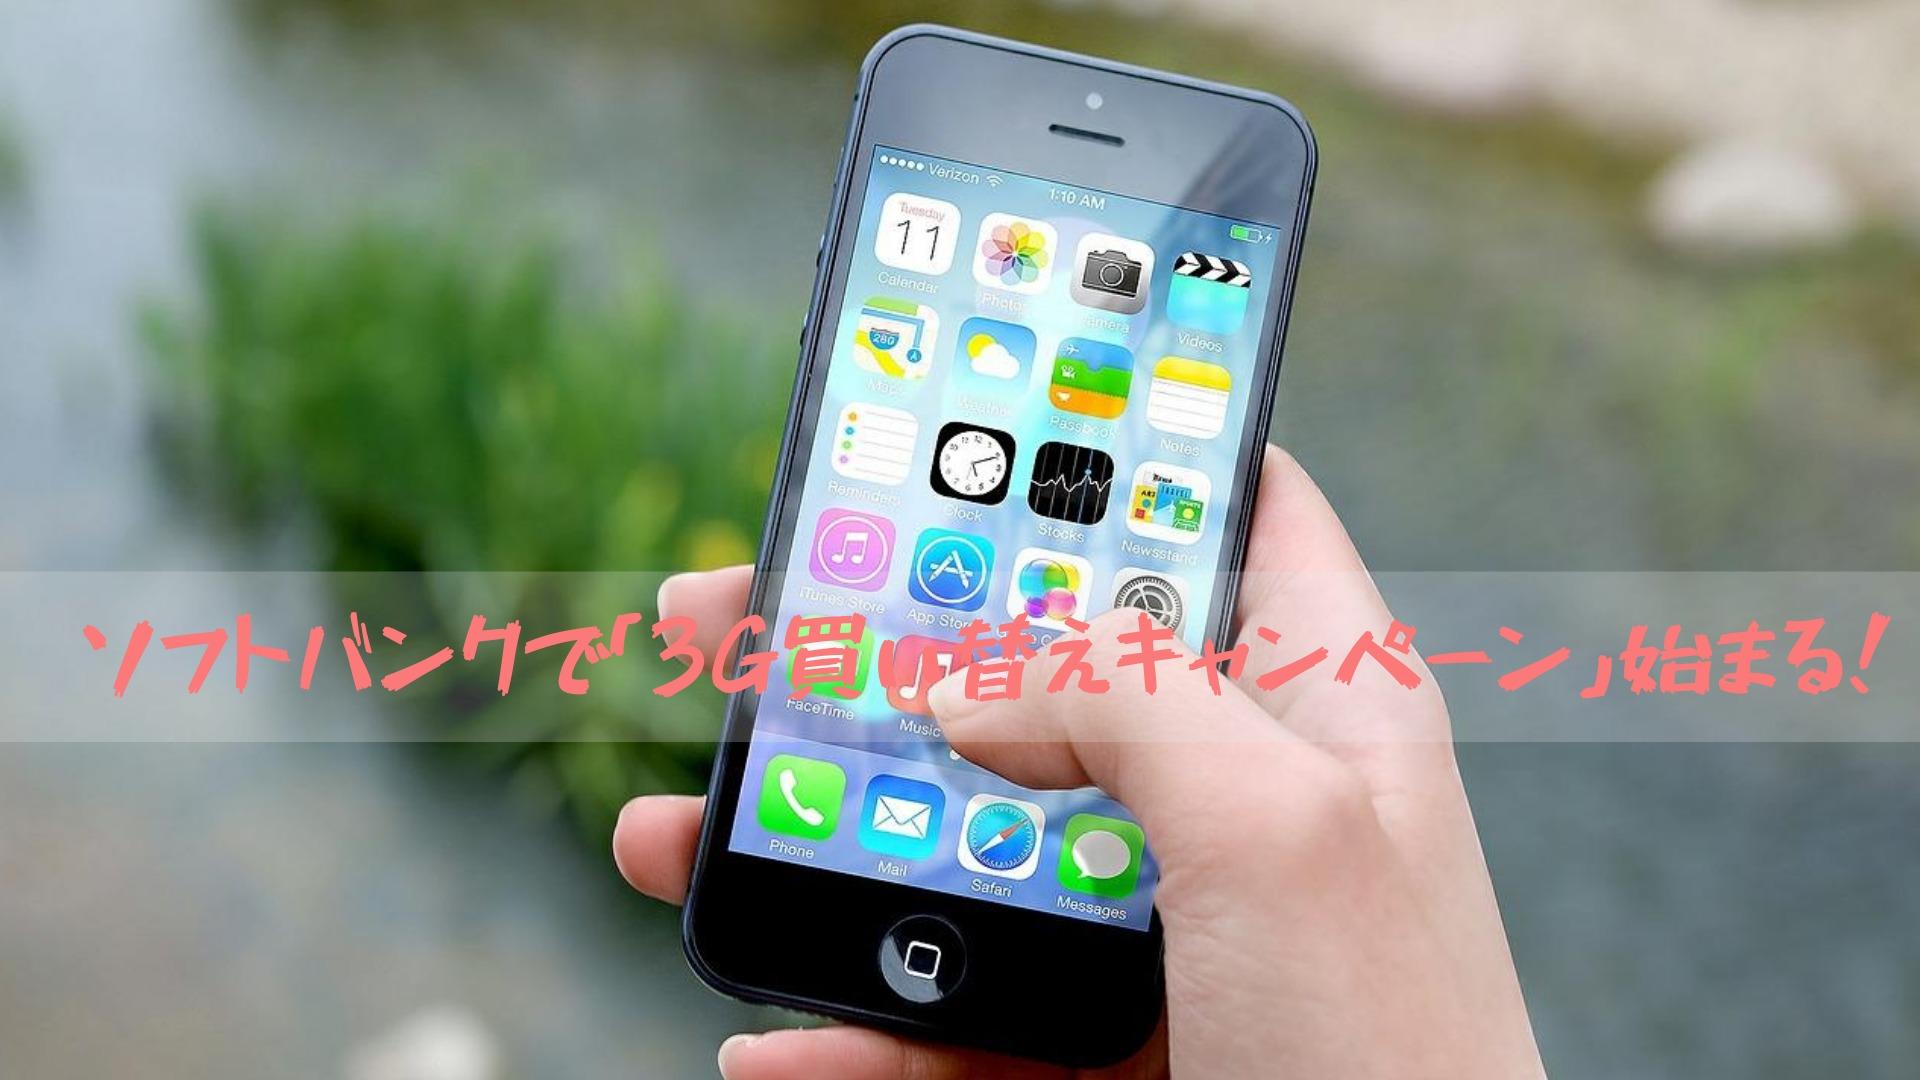 ソフトバンクで「3G買い替えキャンペーン」始まる!